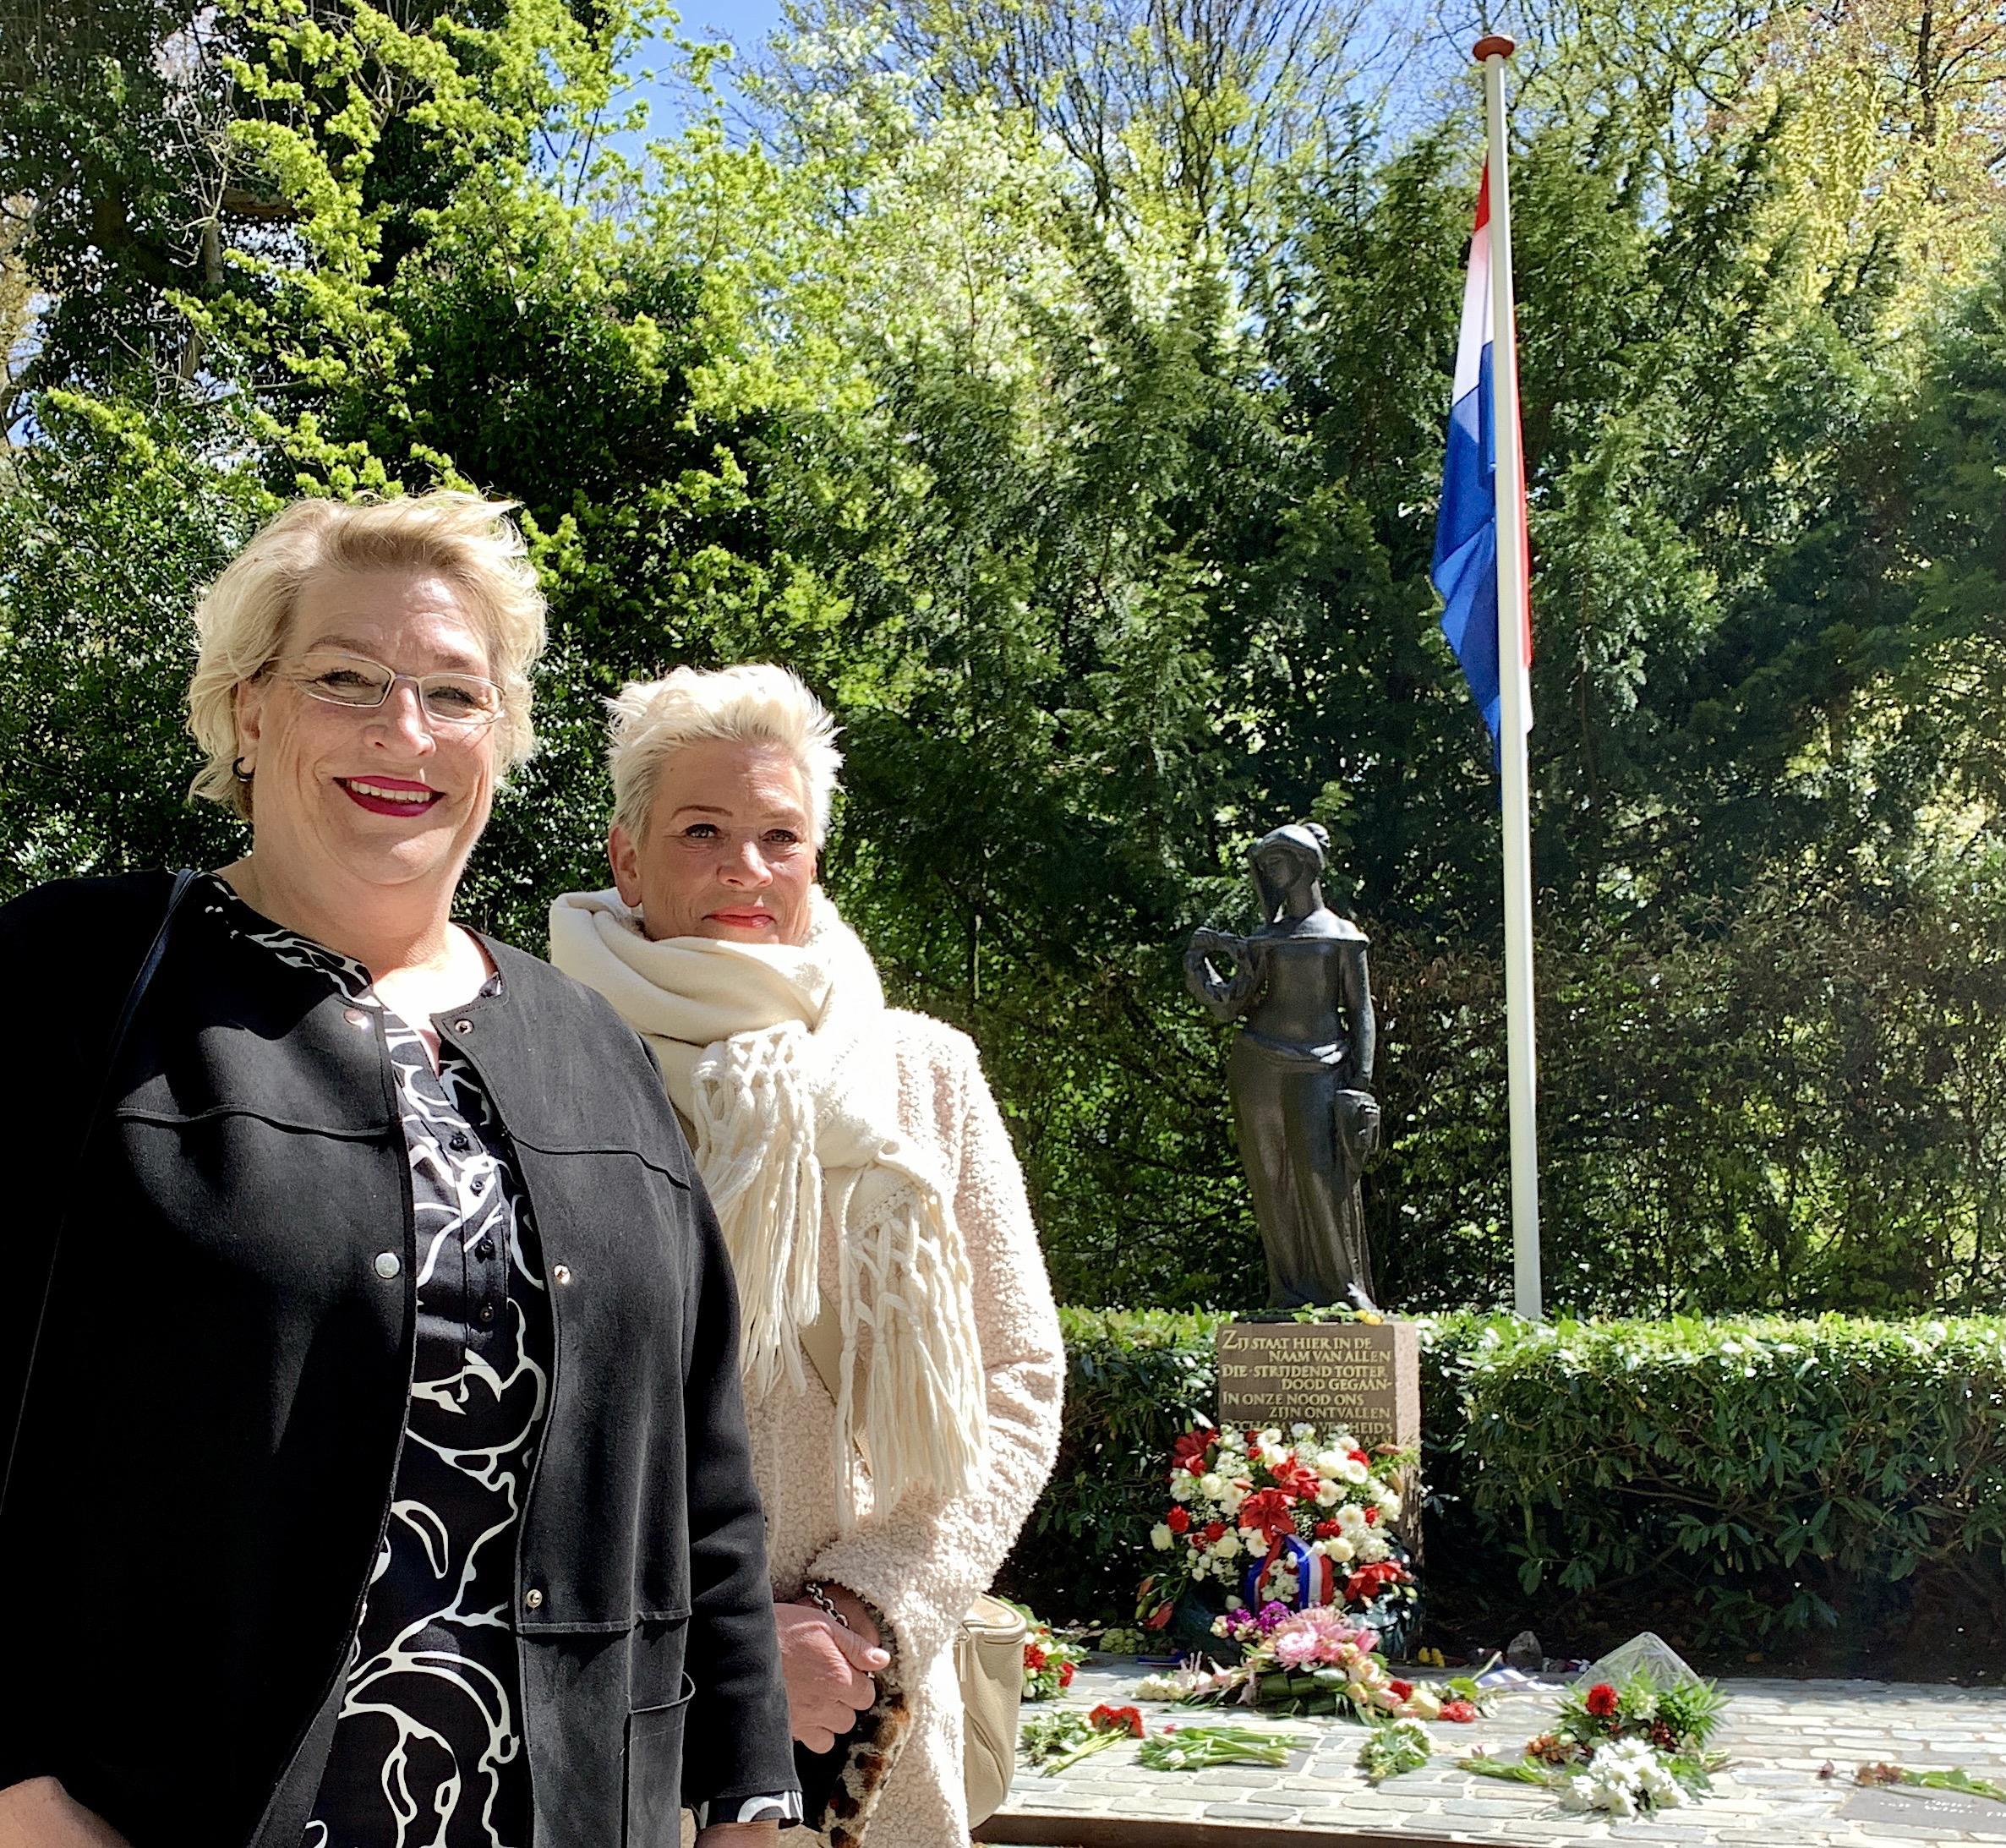 'Wat hij destijds heeft gezien, hier op deze plek, dat heeft zijn leven getekend,' zeggen Els en Yvonne, dochters van Nico Jonker. Als 14-jarige was hij in 1944 ongewild getuige van de executie van vijf verzetsmensen in de Alkmaarderhout